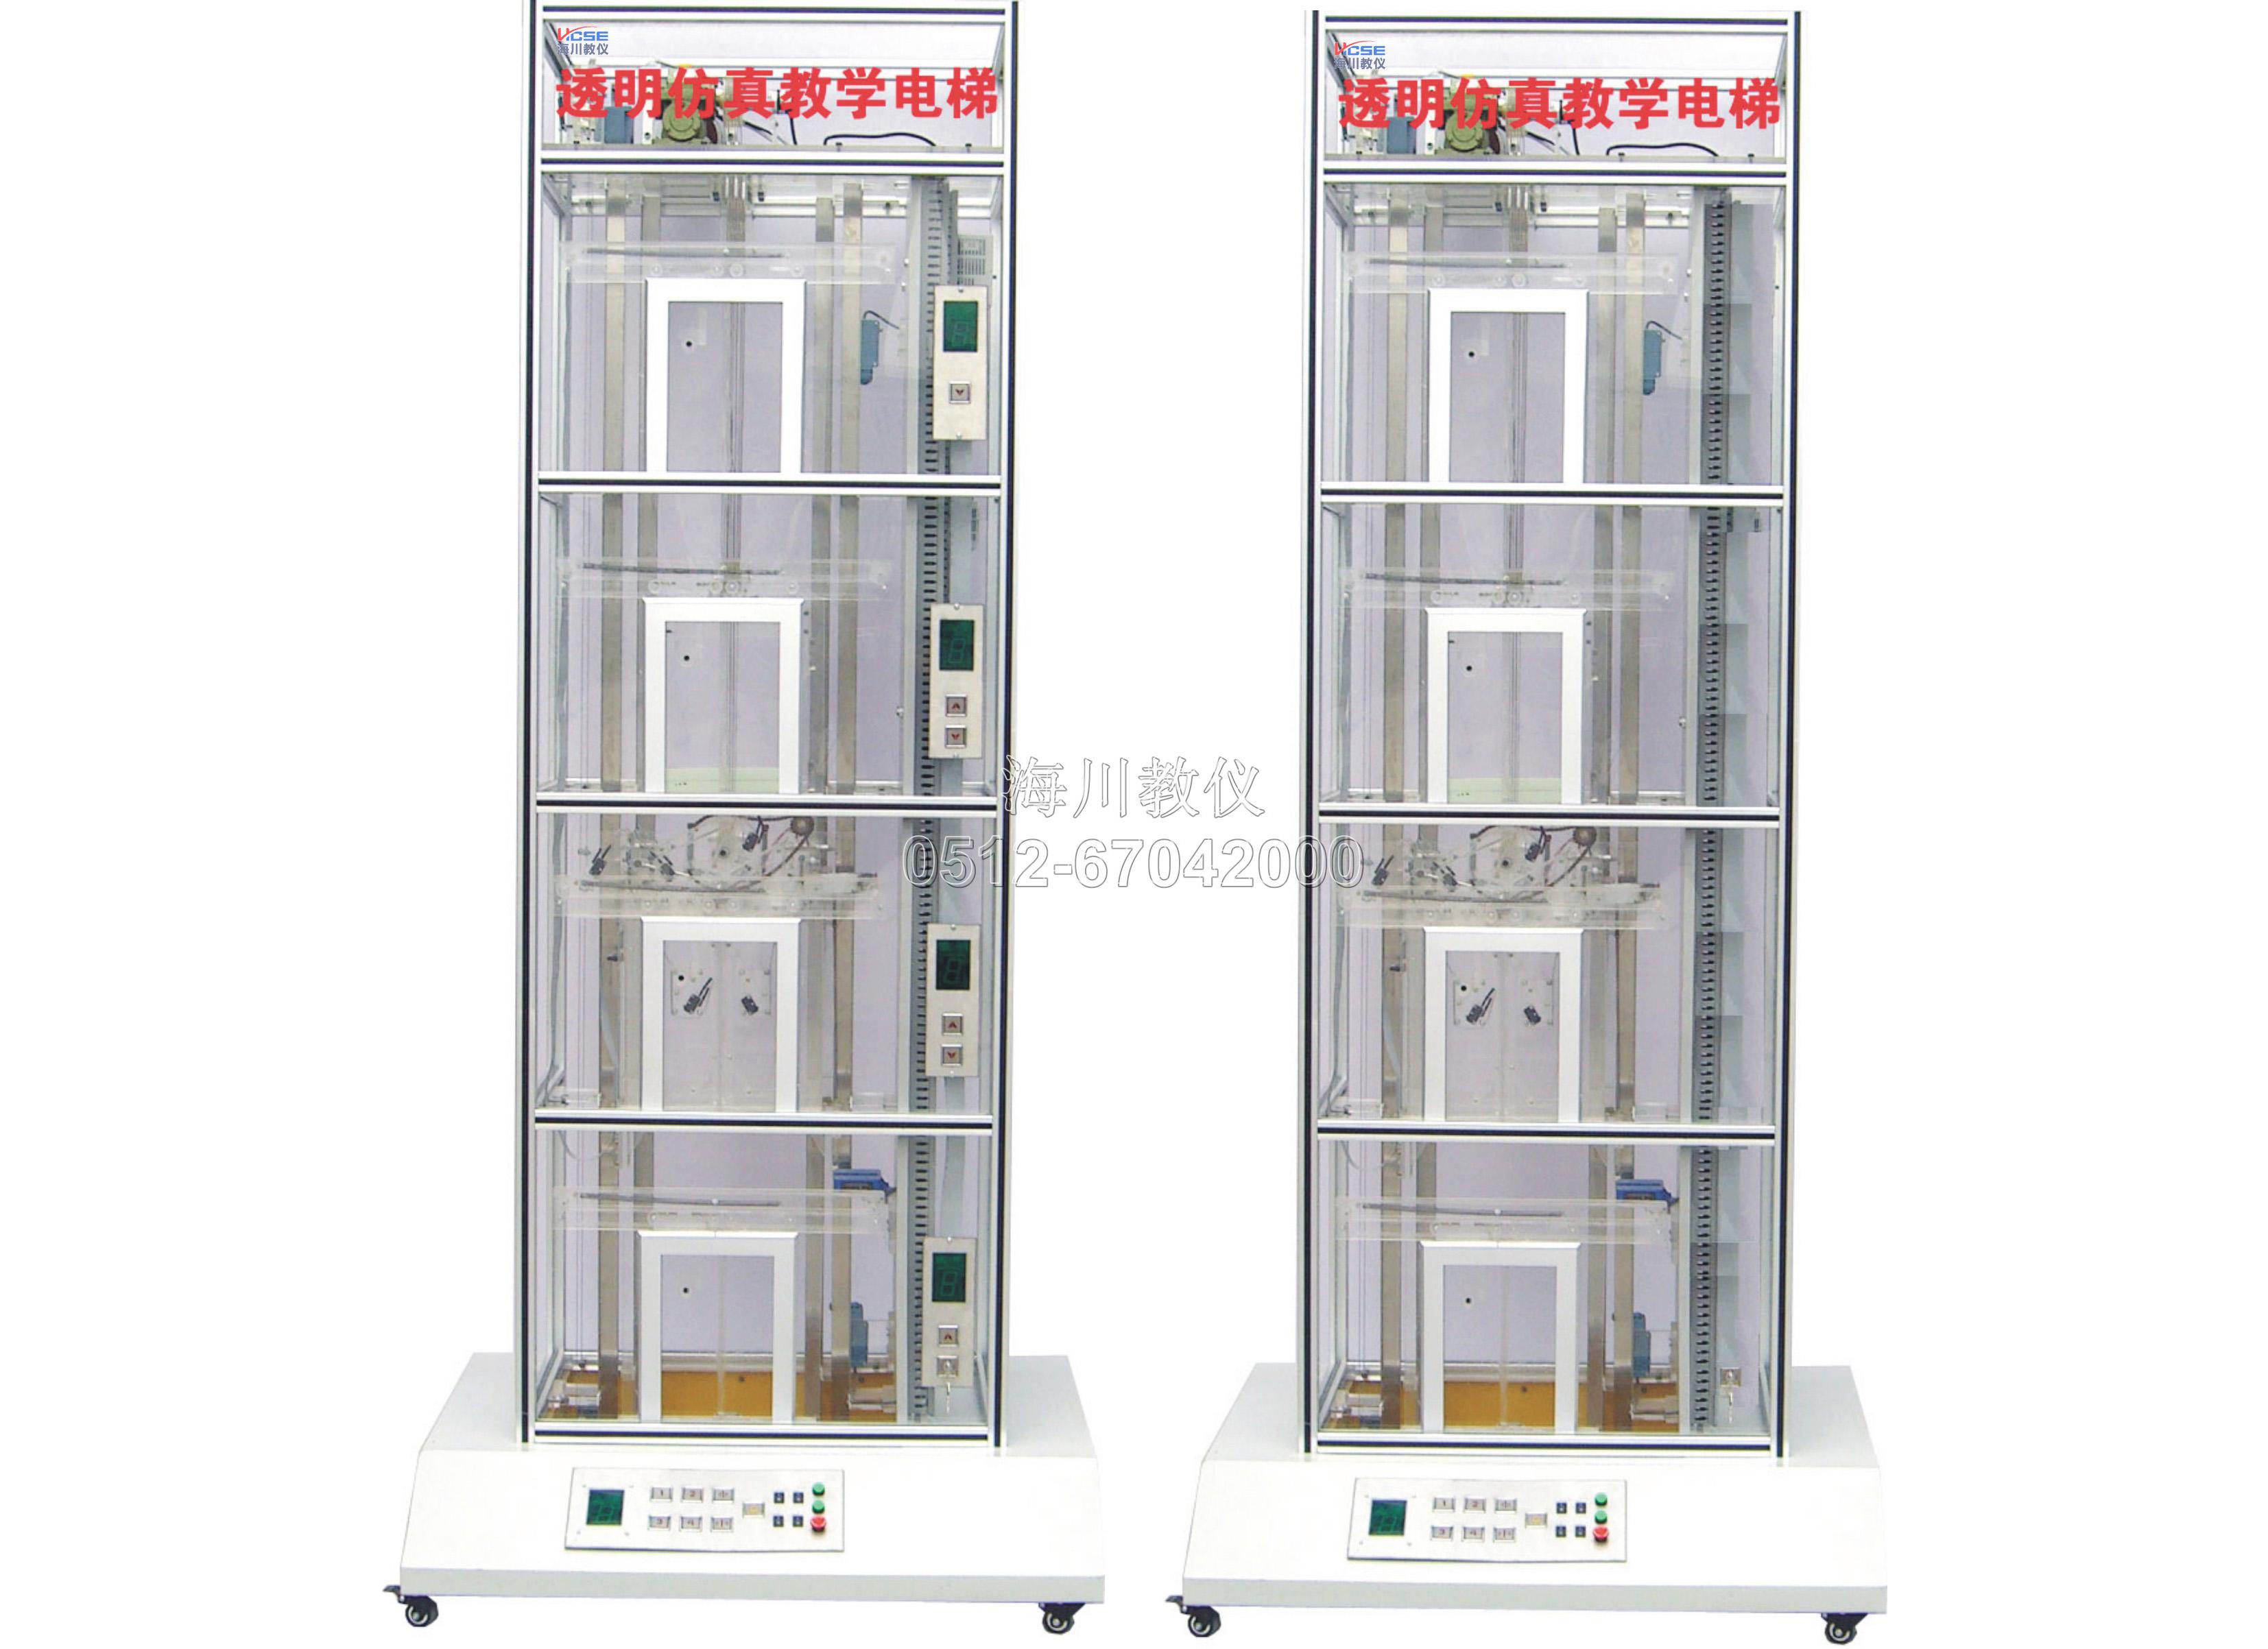 四层双联透明仿真教学电梯实训装置产品图片